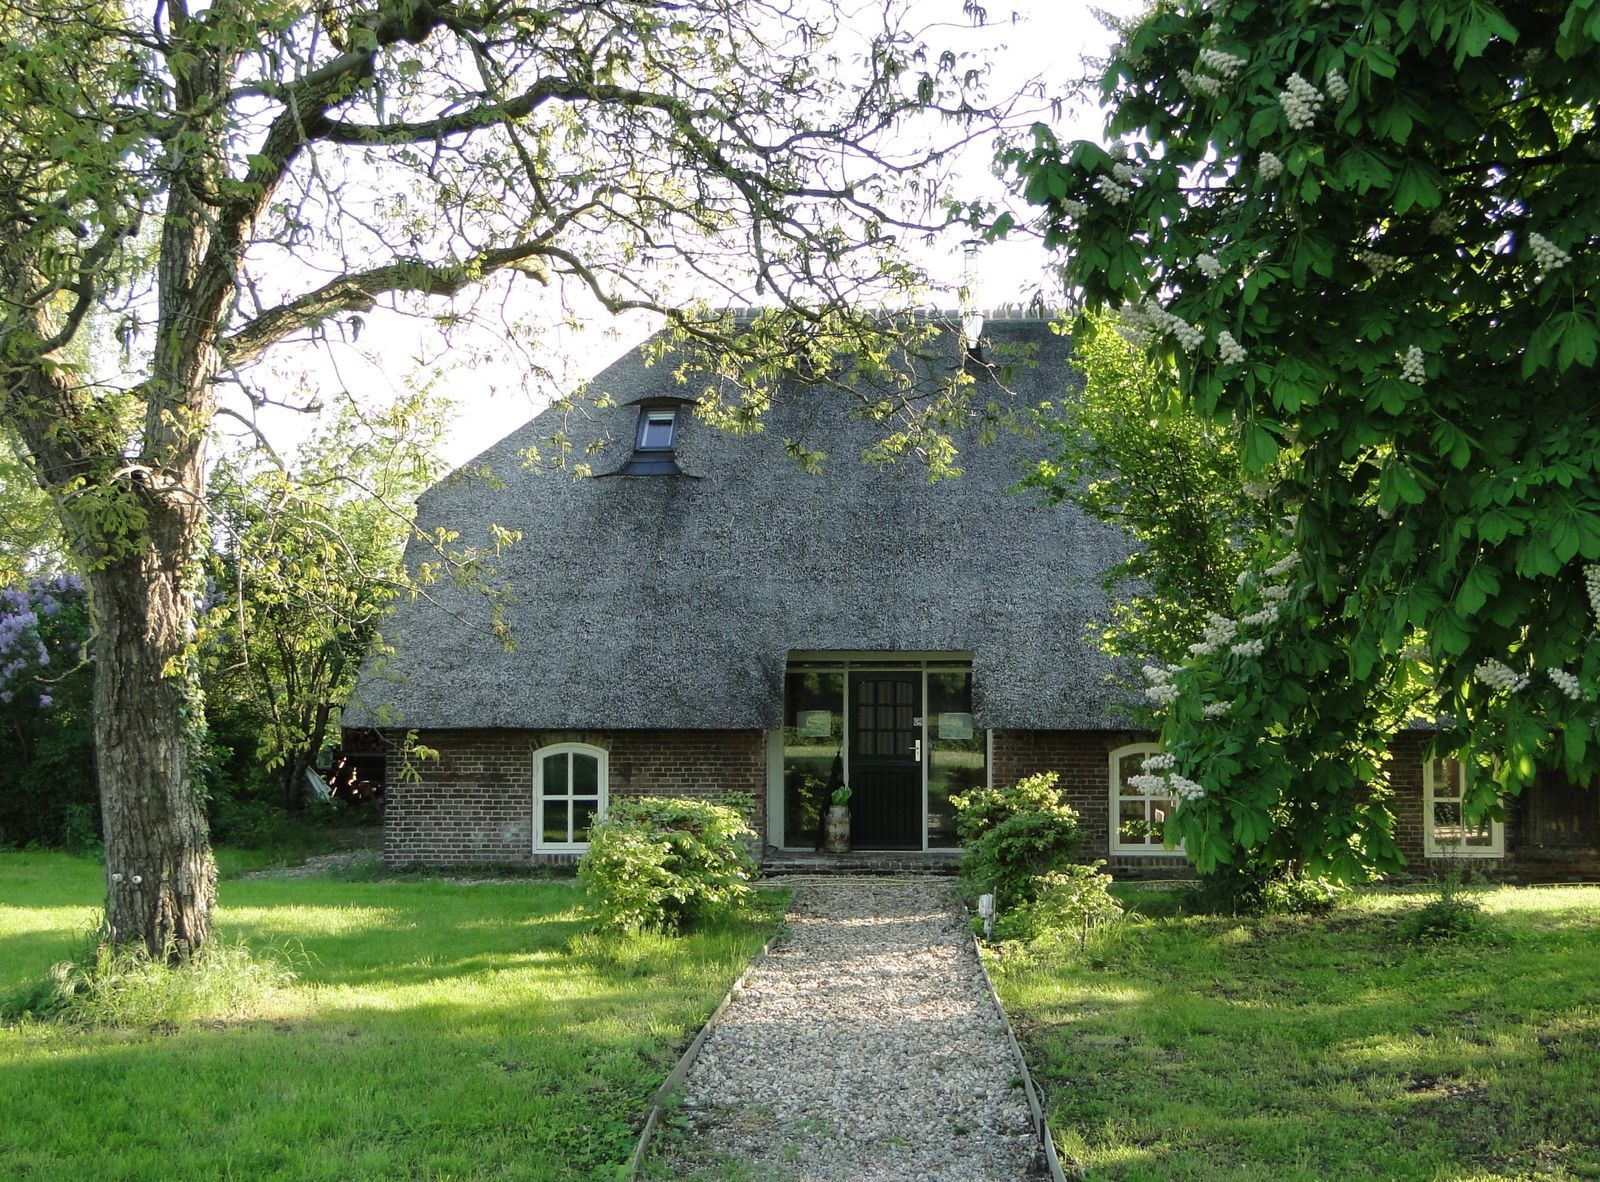 Boerderij IJsselhoeve vakantiehuizen Oost & West voor een gezinsvakantie in Overijssel